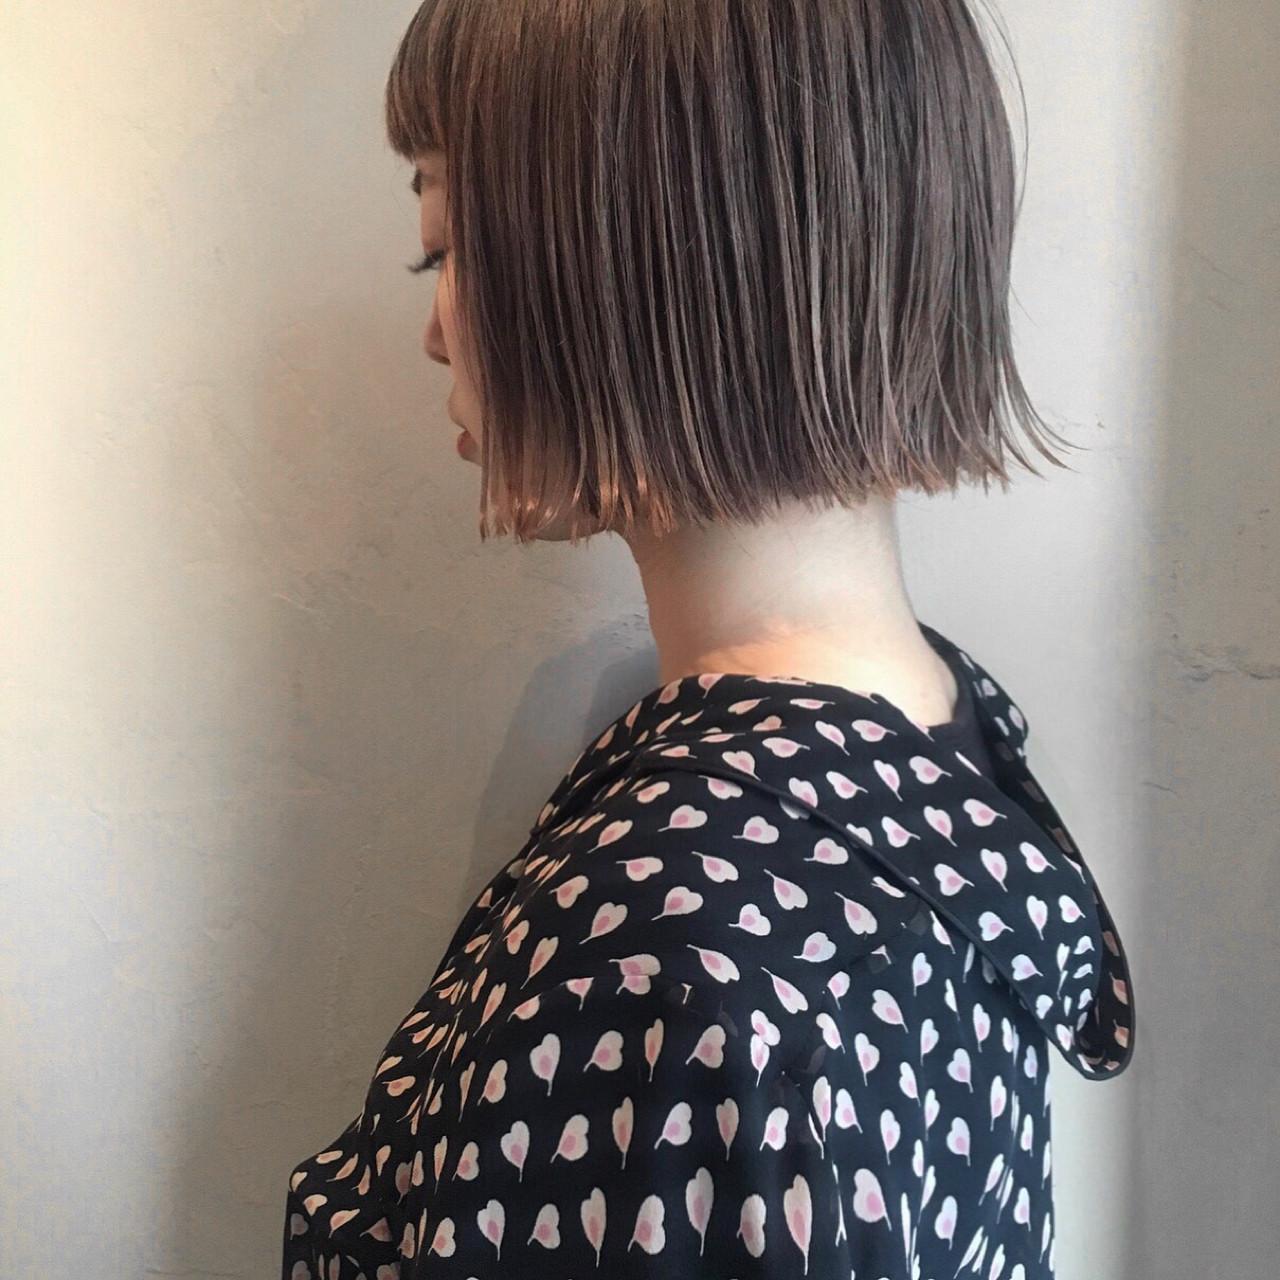 ロブ 切りっぱなし ボブ ミディアムヘアスタイルや髪型の写真・画像